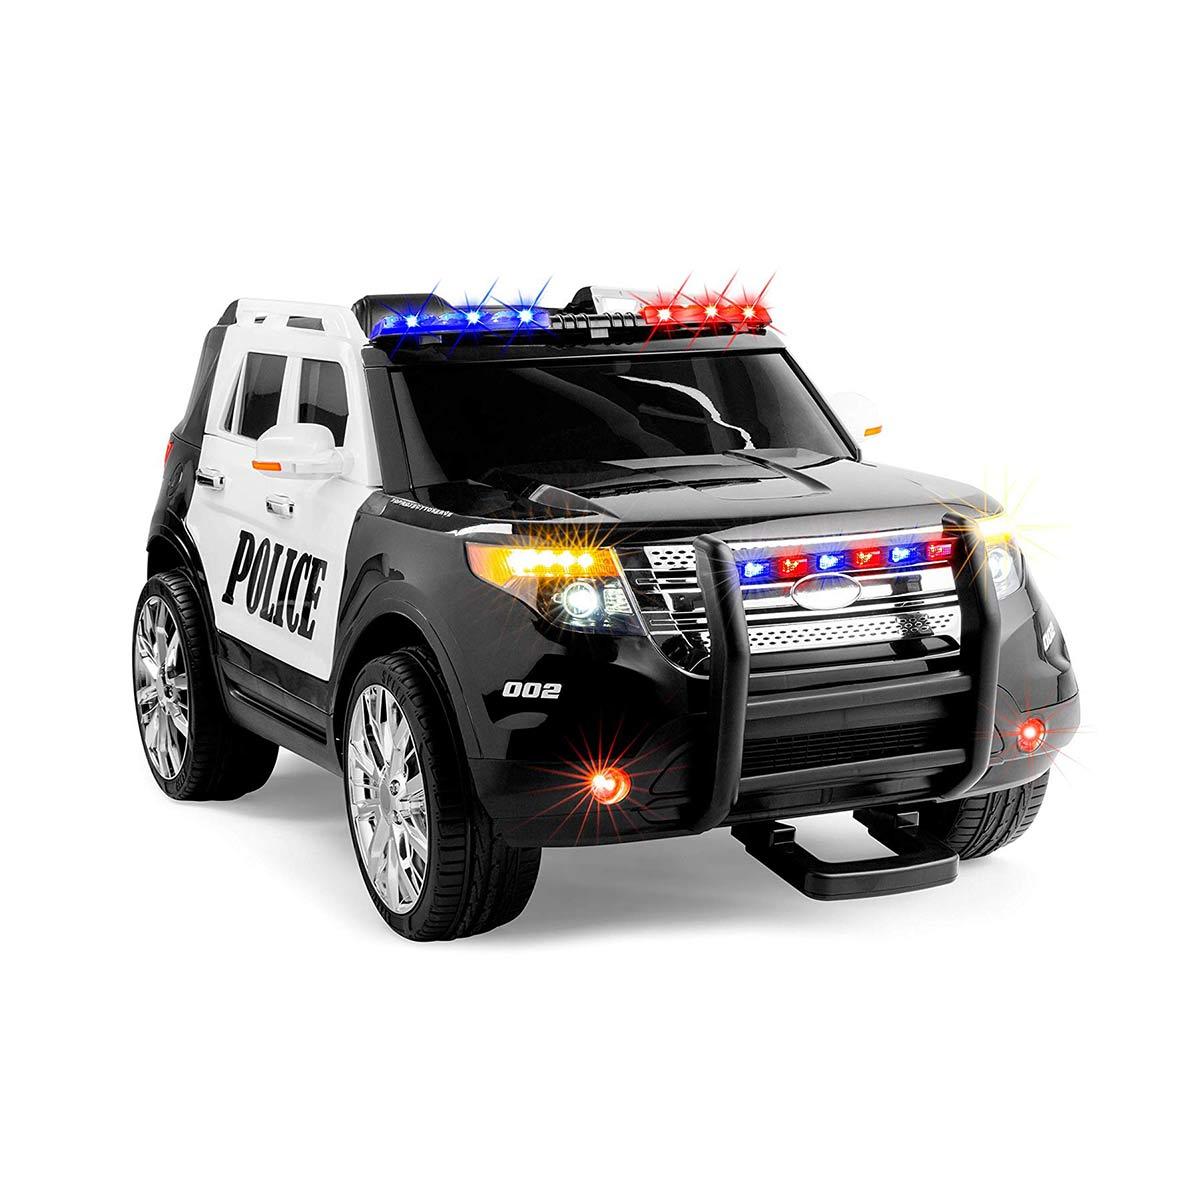 おもちゃ 電動 乗用 自動車 パトカー エレクトリック ポリス ライドオン SUV リモコン付き 子供 乗用玩具 通常便は送料無料